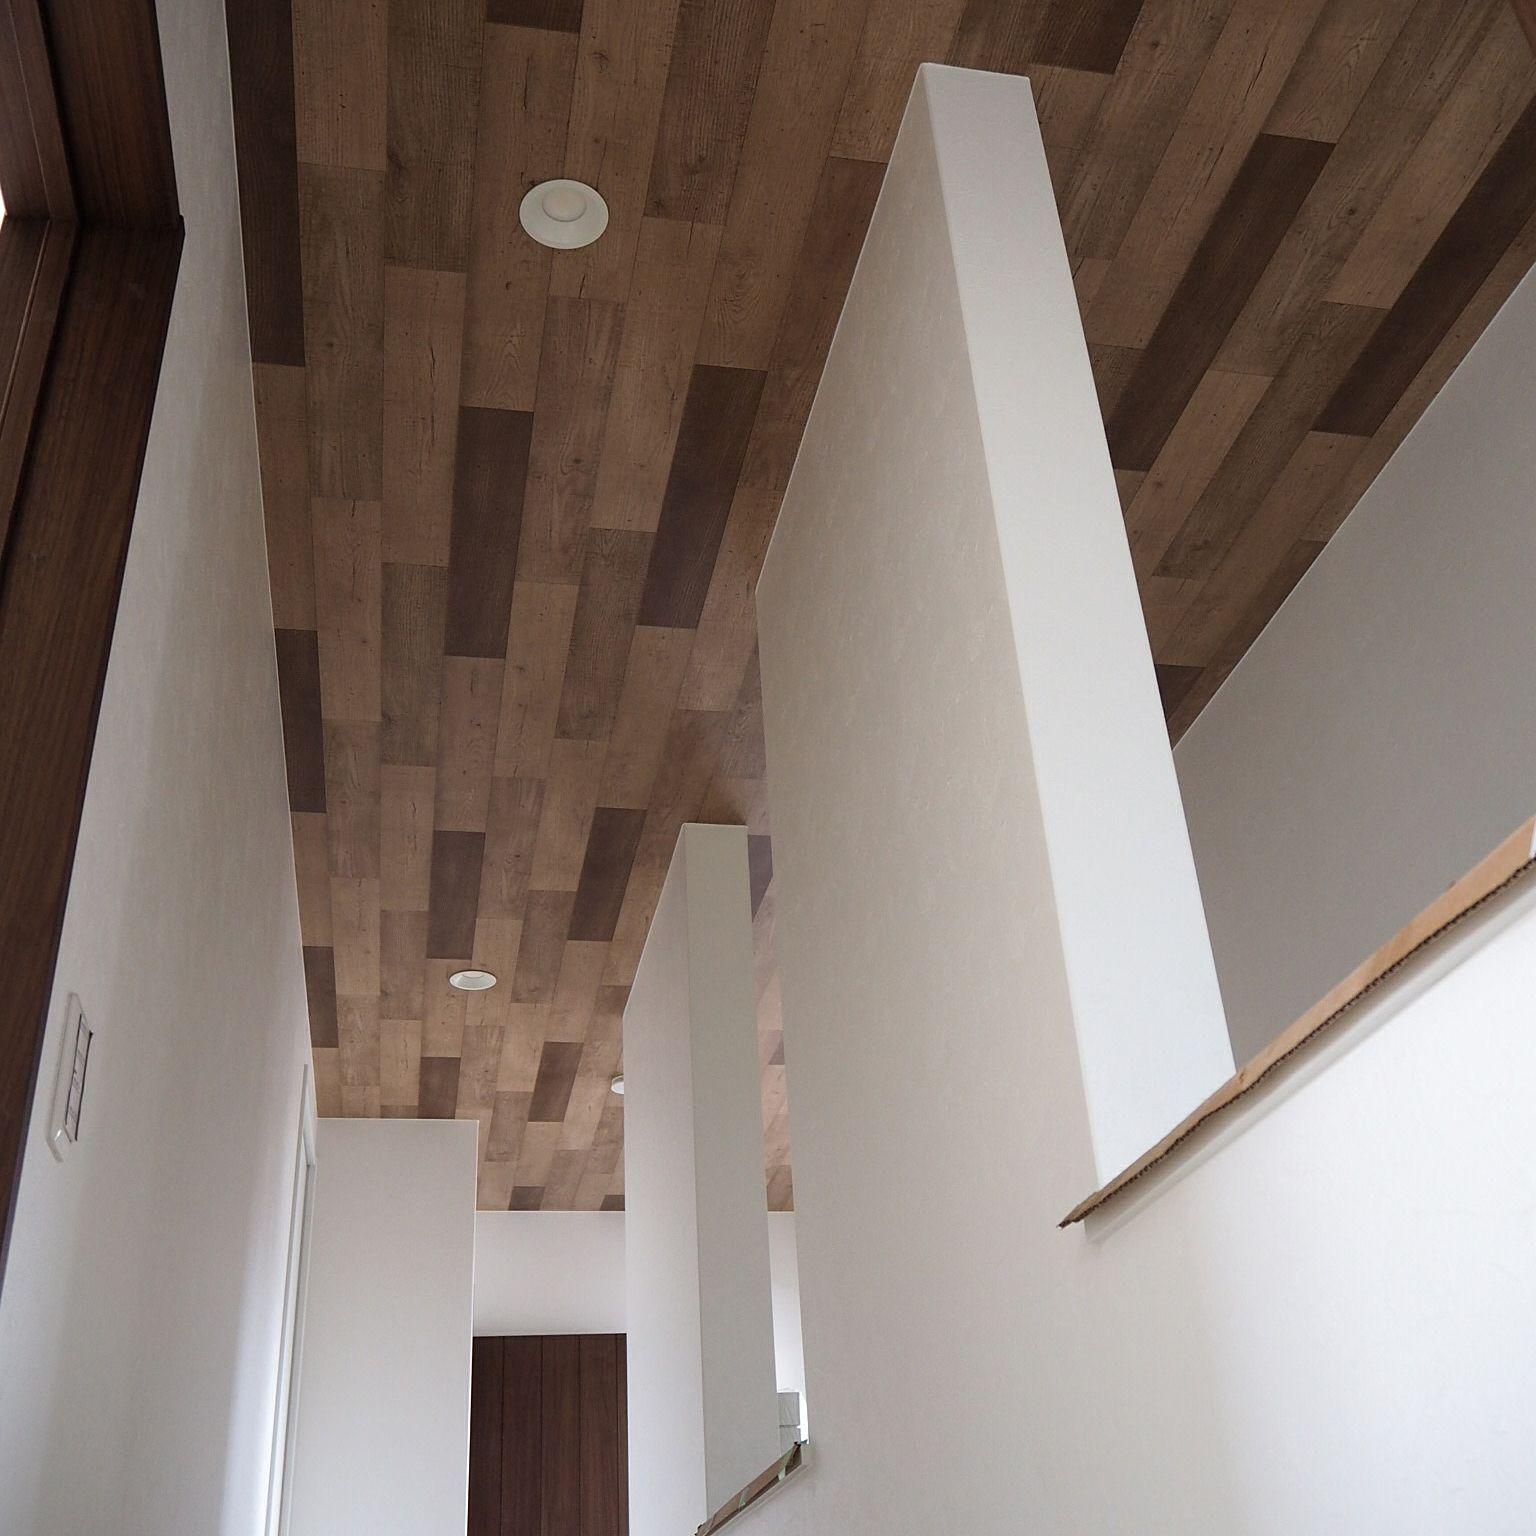 壁 天井 壁紙 クロス サンゲツ サンゲツ壁紙 などのインテリア実例